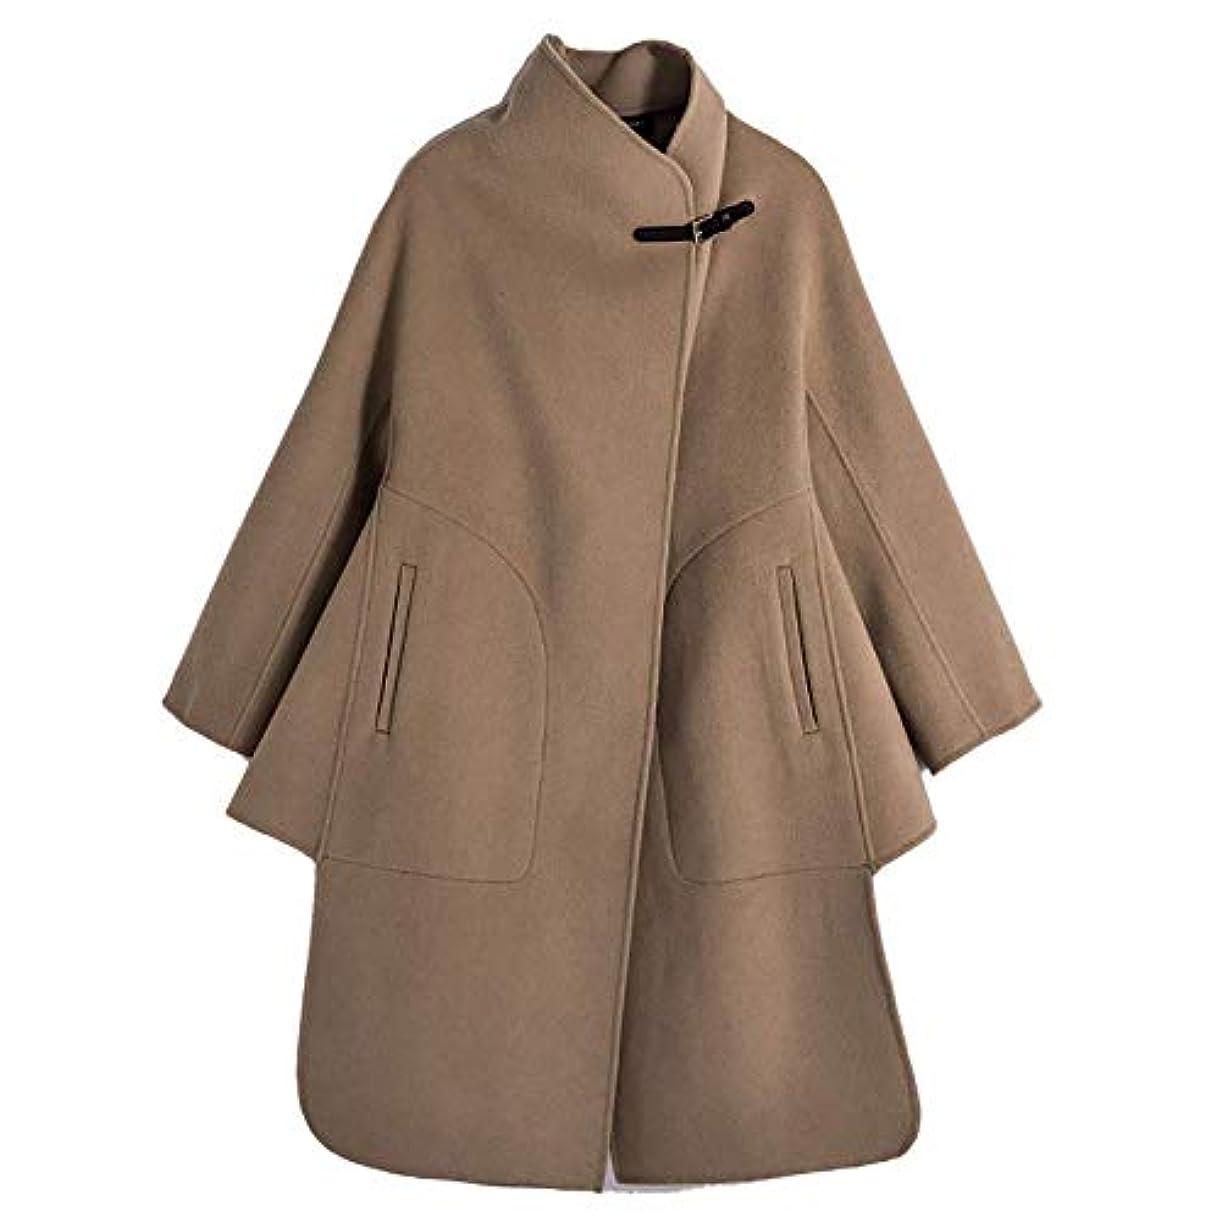 誓う満たすバット両面のウールコート、ウールレザーバックル両面ウールコート女性のウールコートレディースジャケットレディース?コートレディースウインドブレーカージャケット,ブラウン,XS